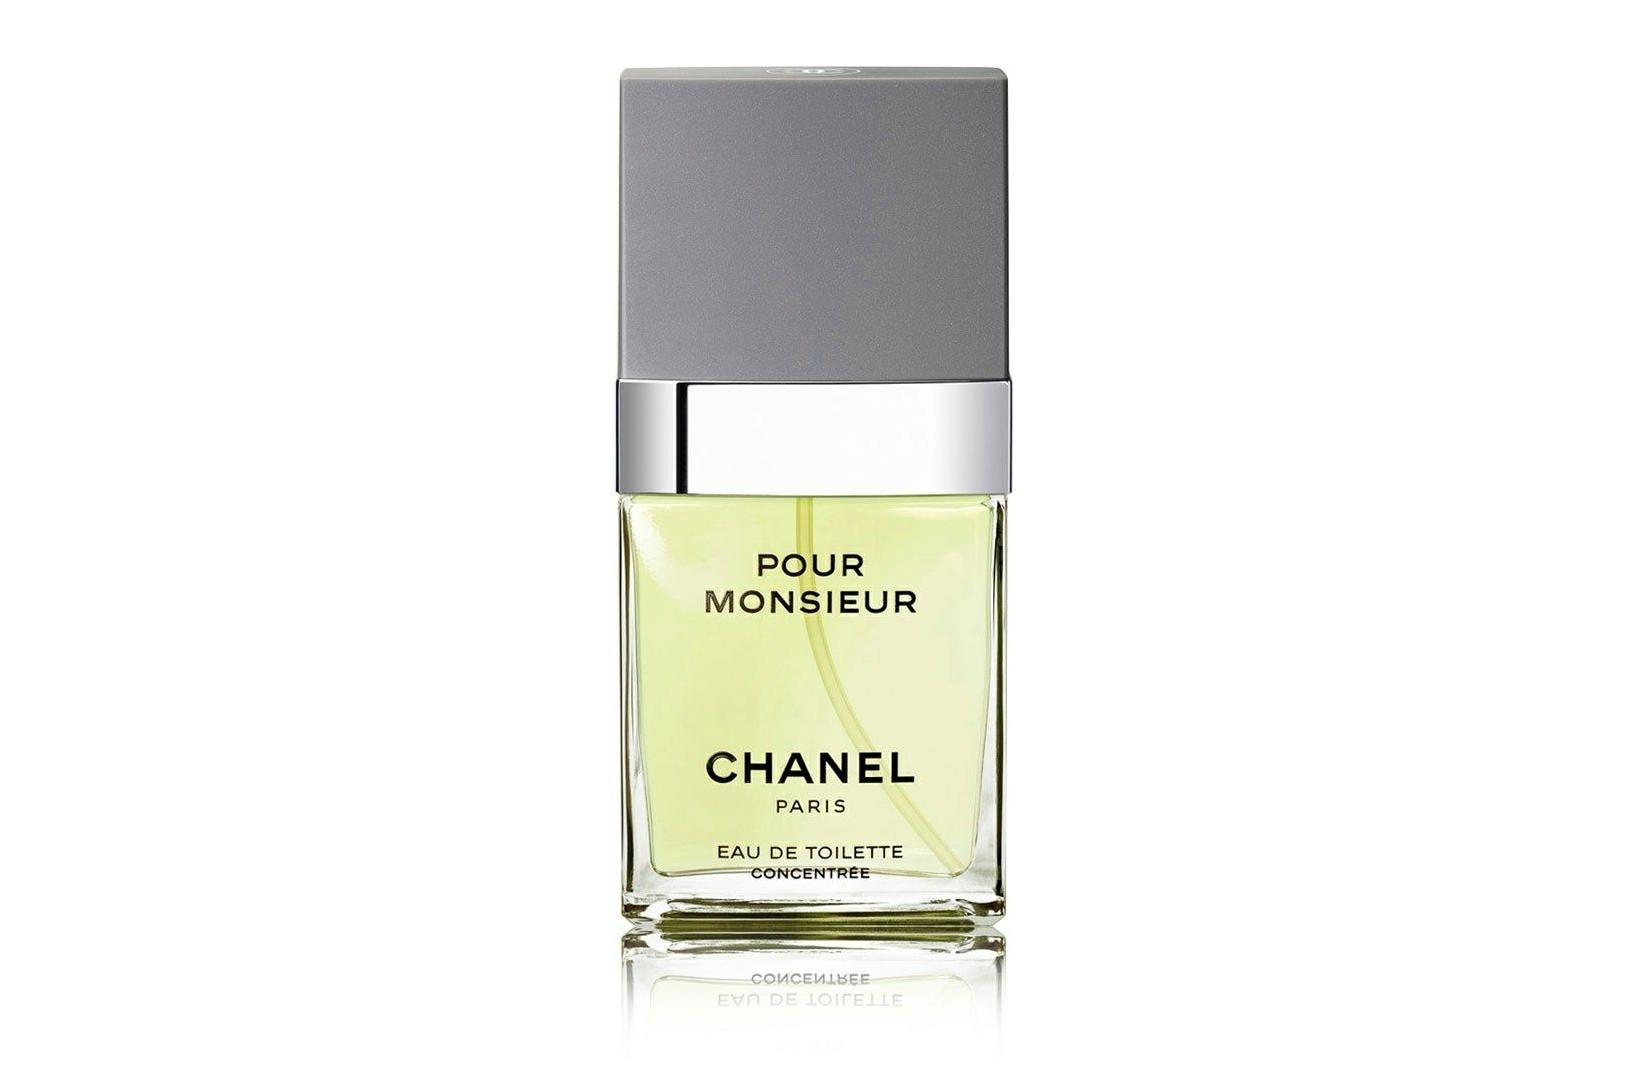 Chanel Pour Monsieur Concentree – это аромат истинной классики.  Винтажный, хорош в любую погоду и настроение, никогда не подводит. Предназначенный для истинного джентльмена аромат пронизан нотами сексуальности, силы и мужества. Этот аромат дополнит образ мужчины до совершенства в любое время суток.